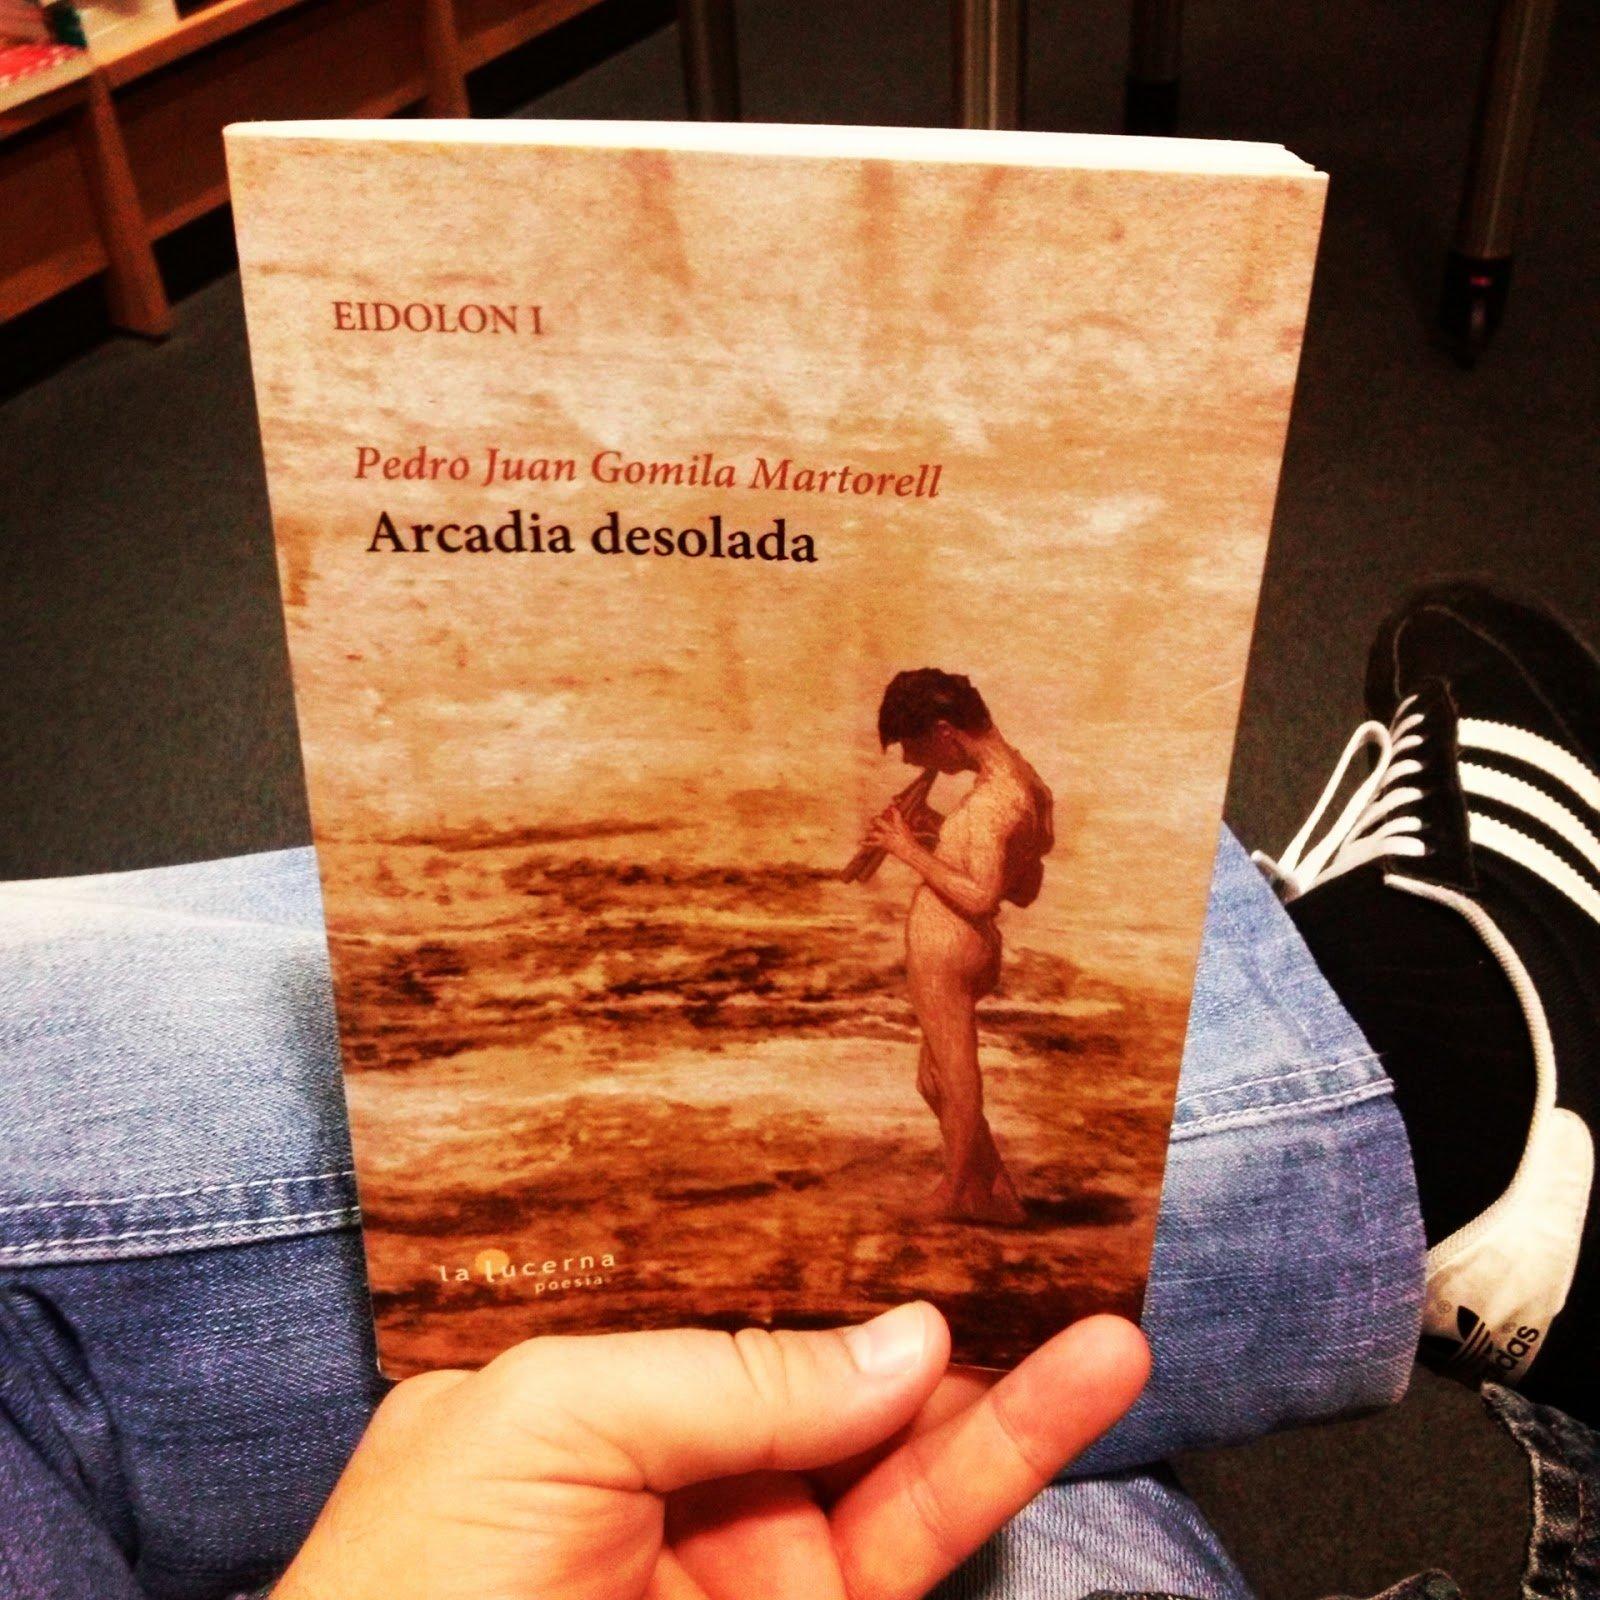 Arcadia desolada,poemario/ juandediosgarcia.lagallaciencia.com